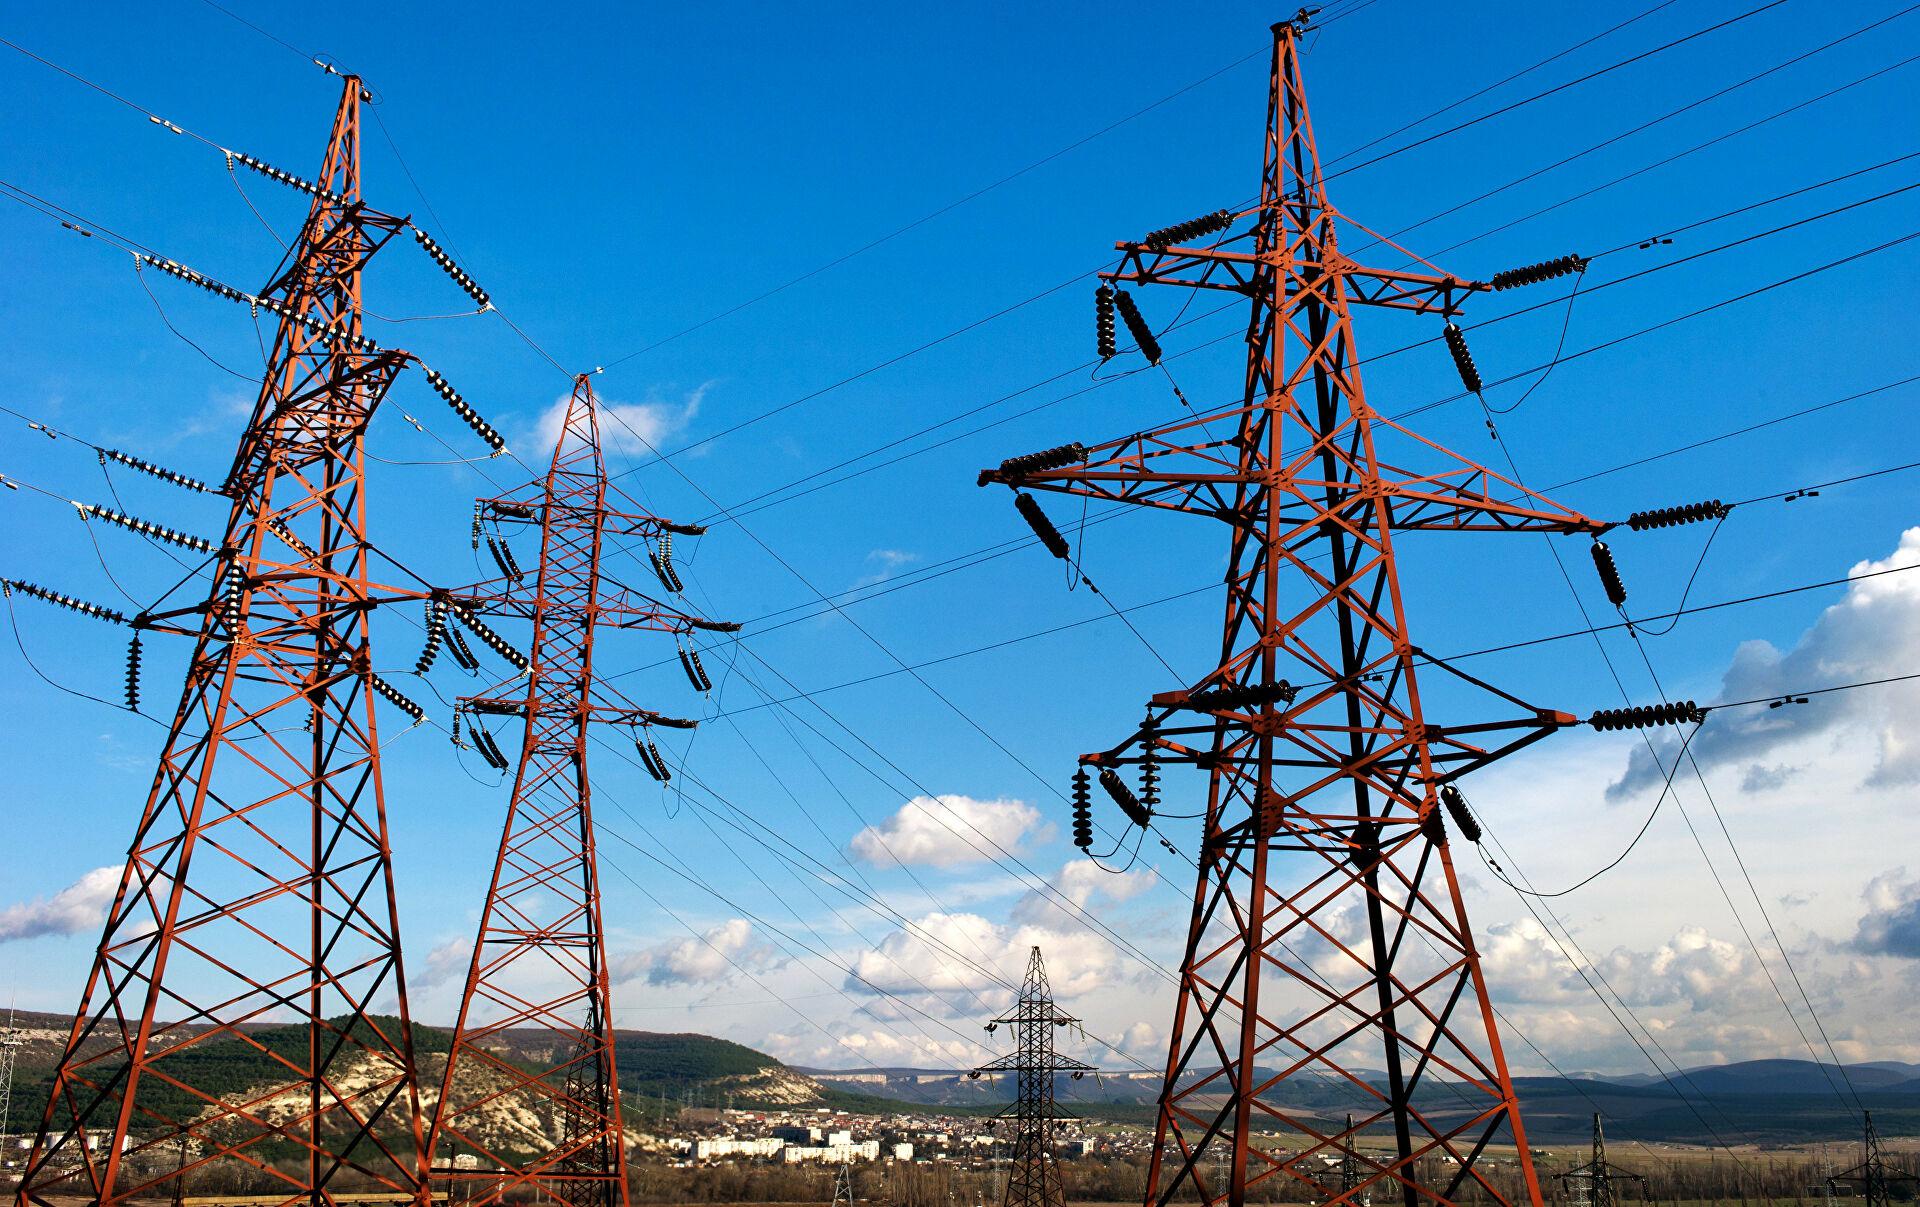 Объекты «Национальных электрических сетей Узбекистана» передаются другим организациям